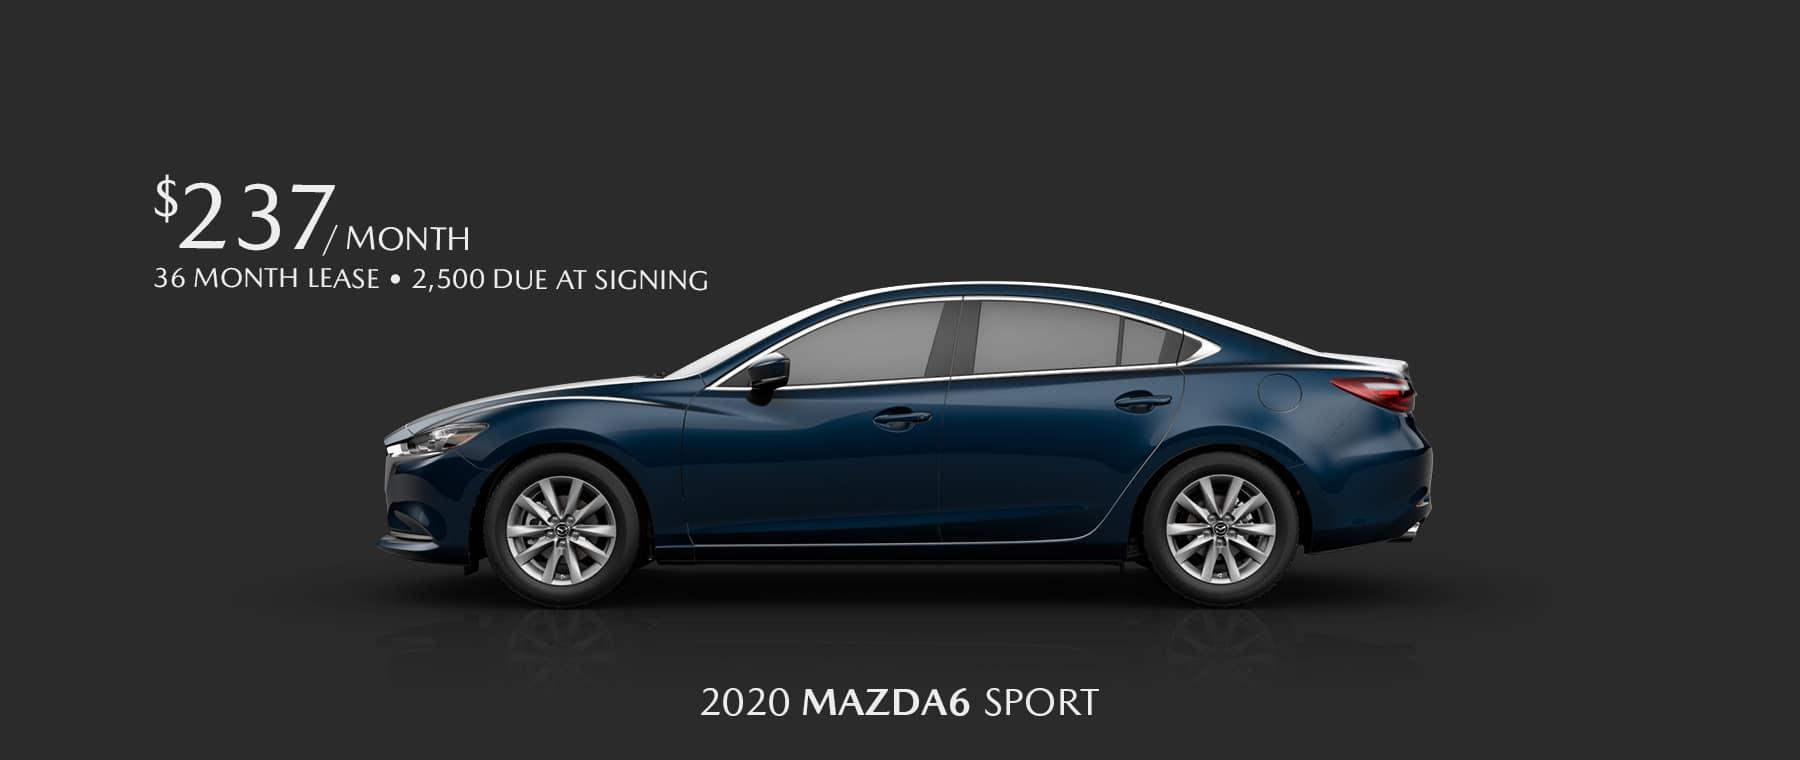 Mazda_Mazda6_237MO_1800x760